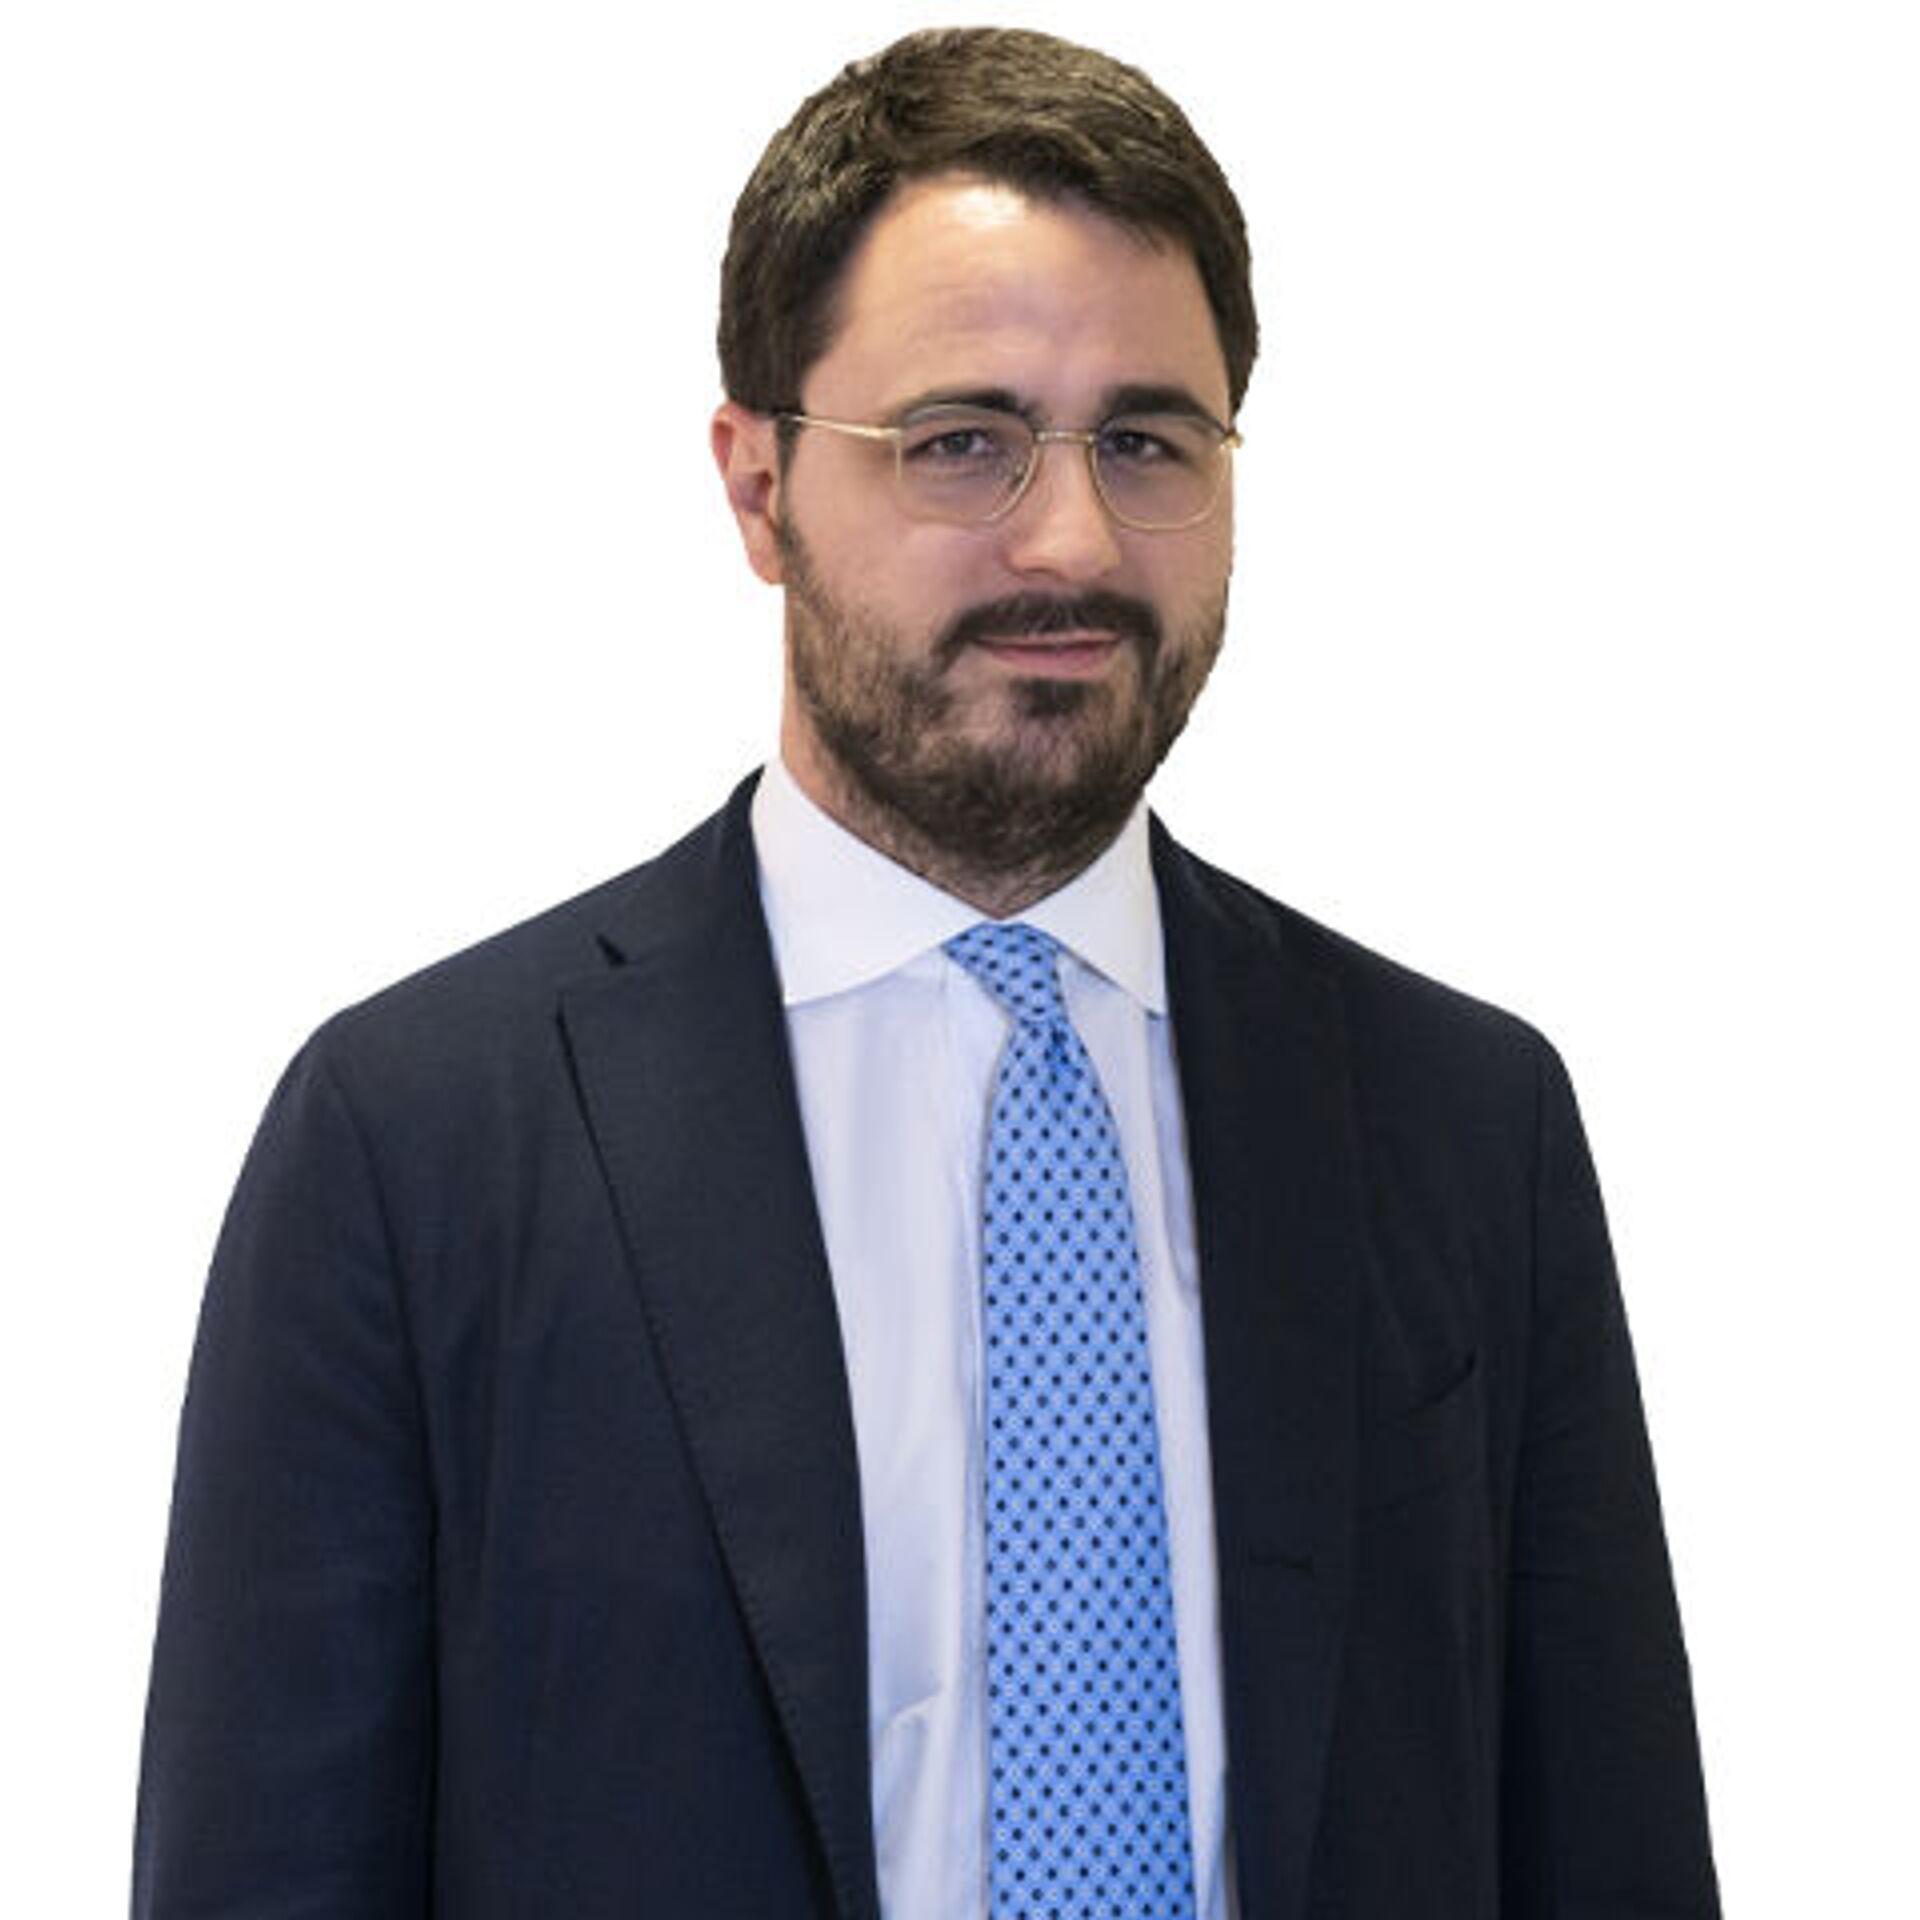 """Castellani (Luiss): """"Draghi conosce la politica e ha gli strumenti per ottenere una maggioranza"""" - Sputnik Italia, 1920, 03.02.2021"""